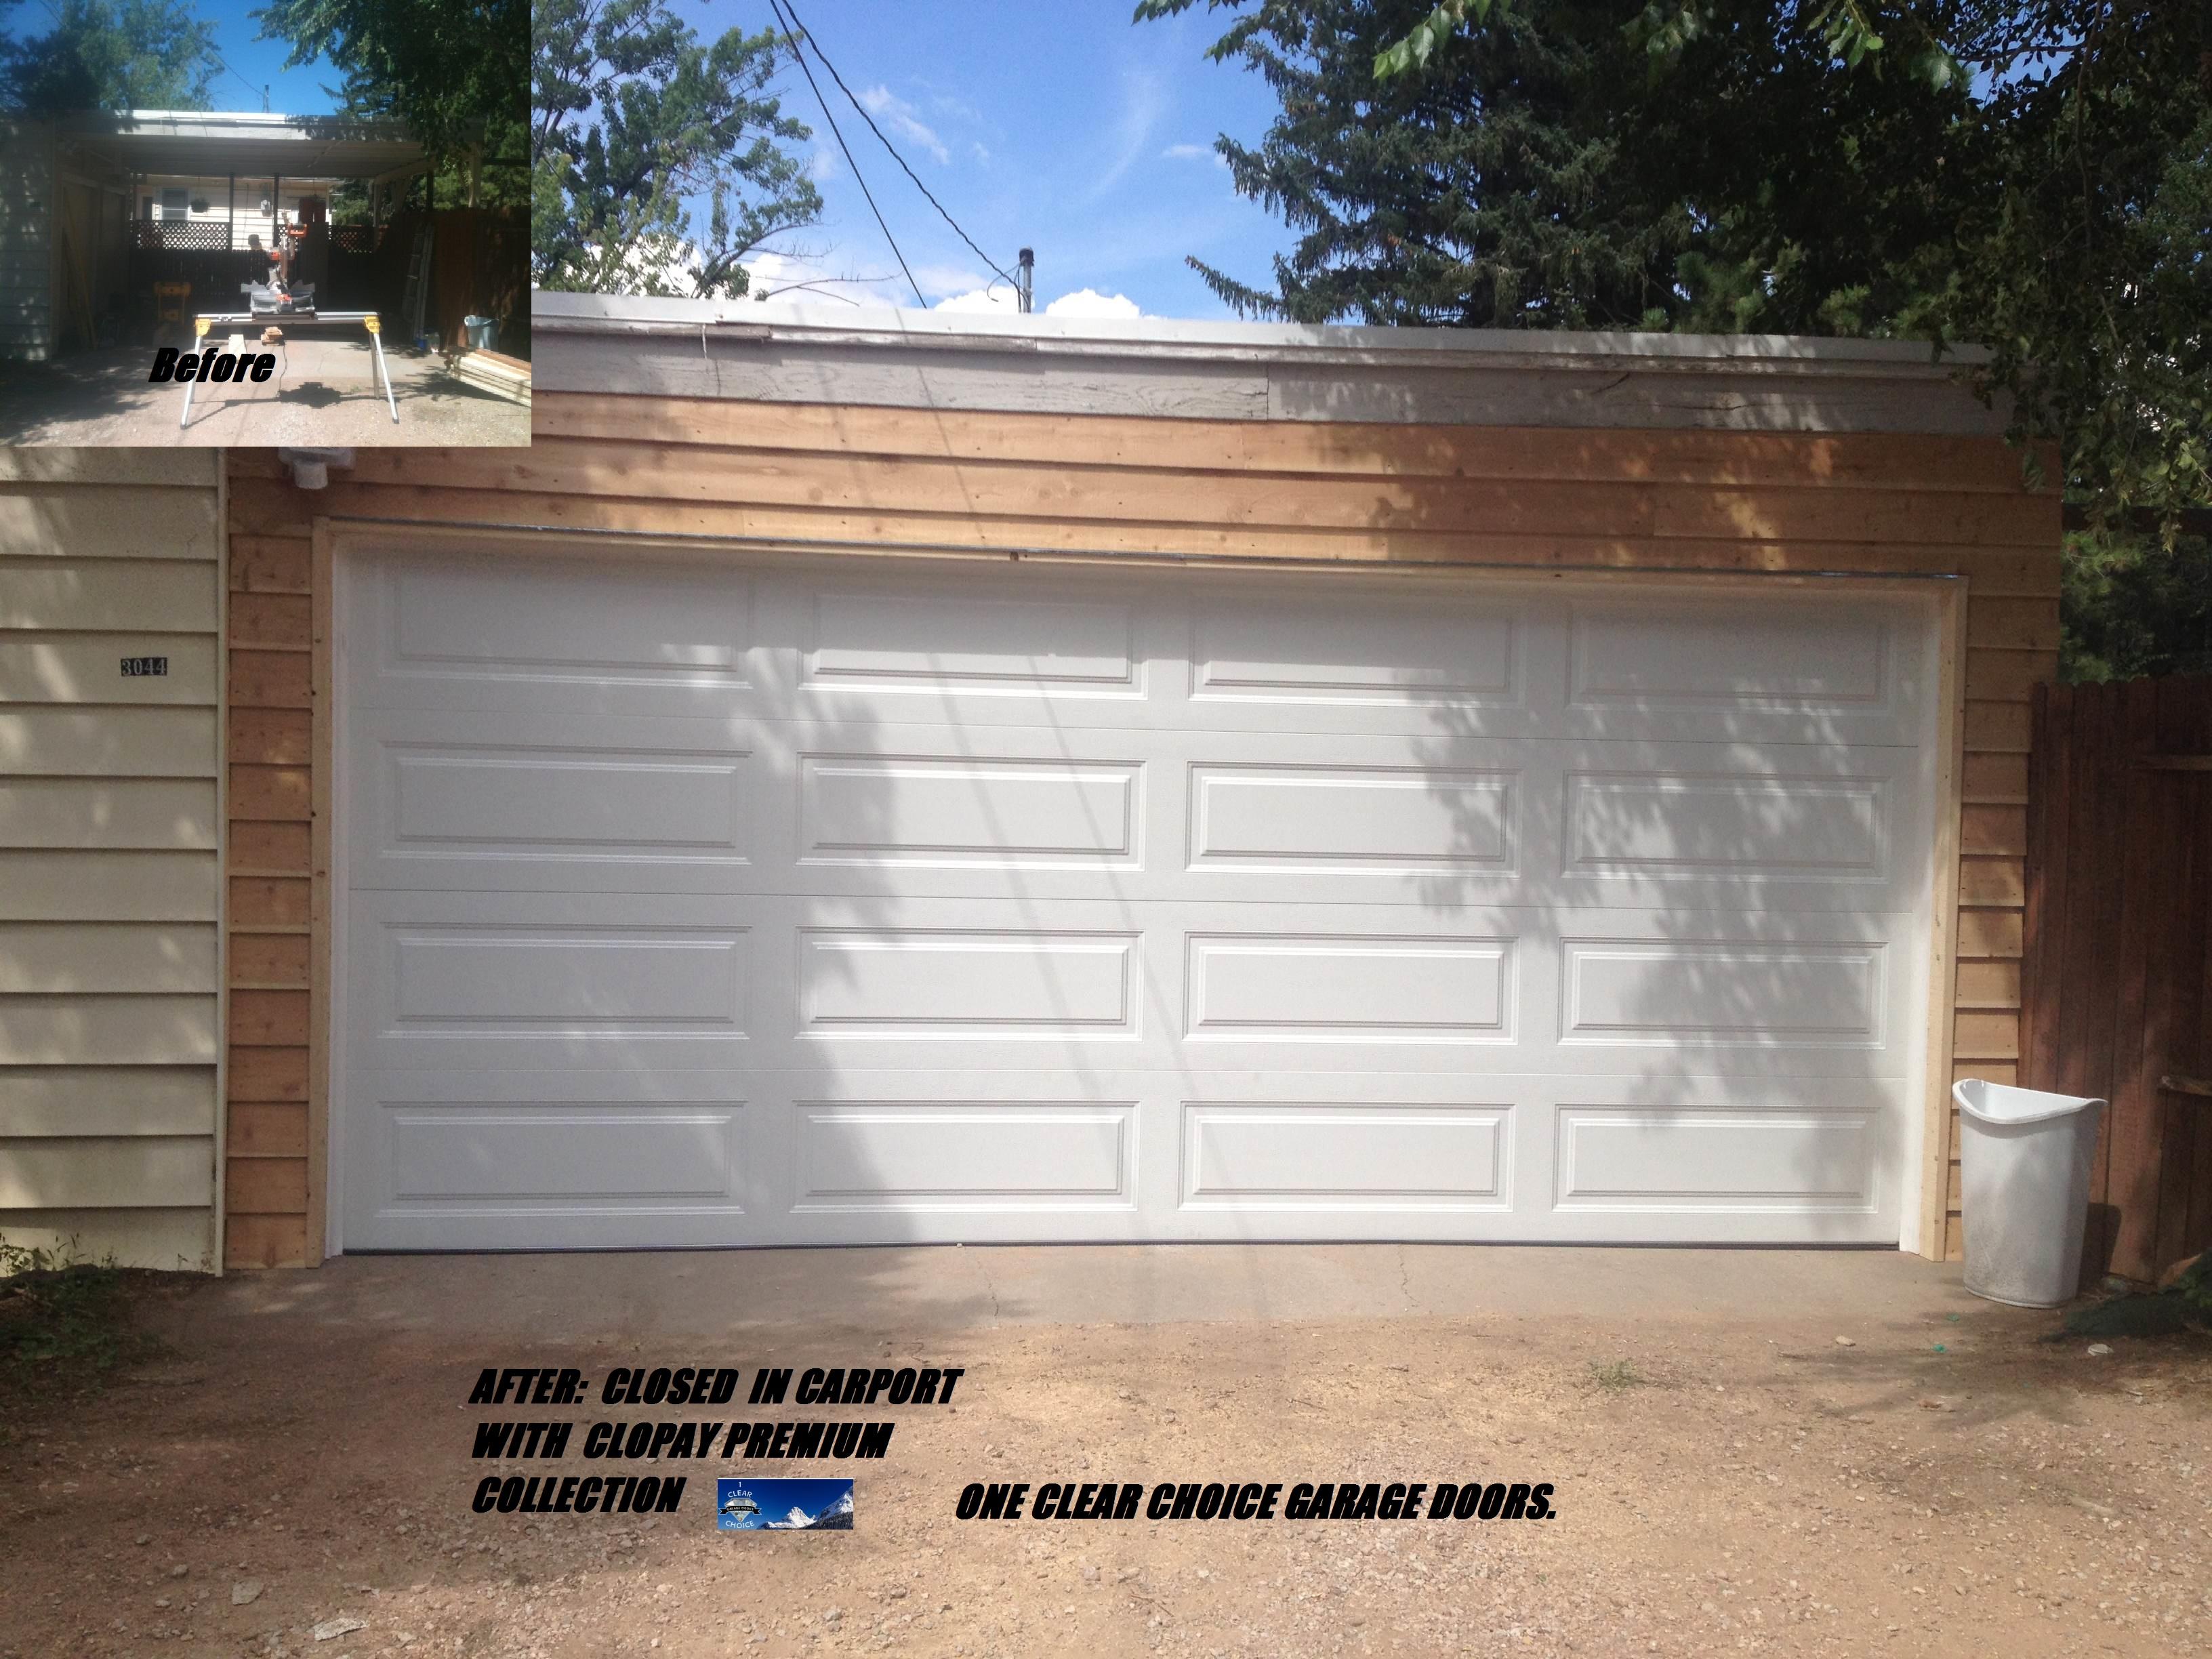 Carport Conversion And Garage Door, Garage Door Installation Marietta Ga